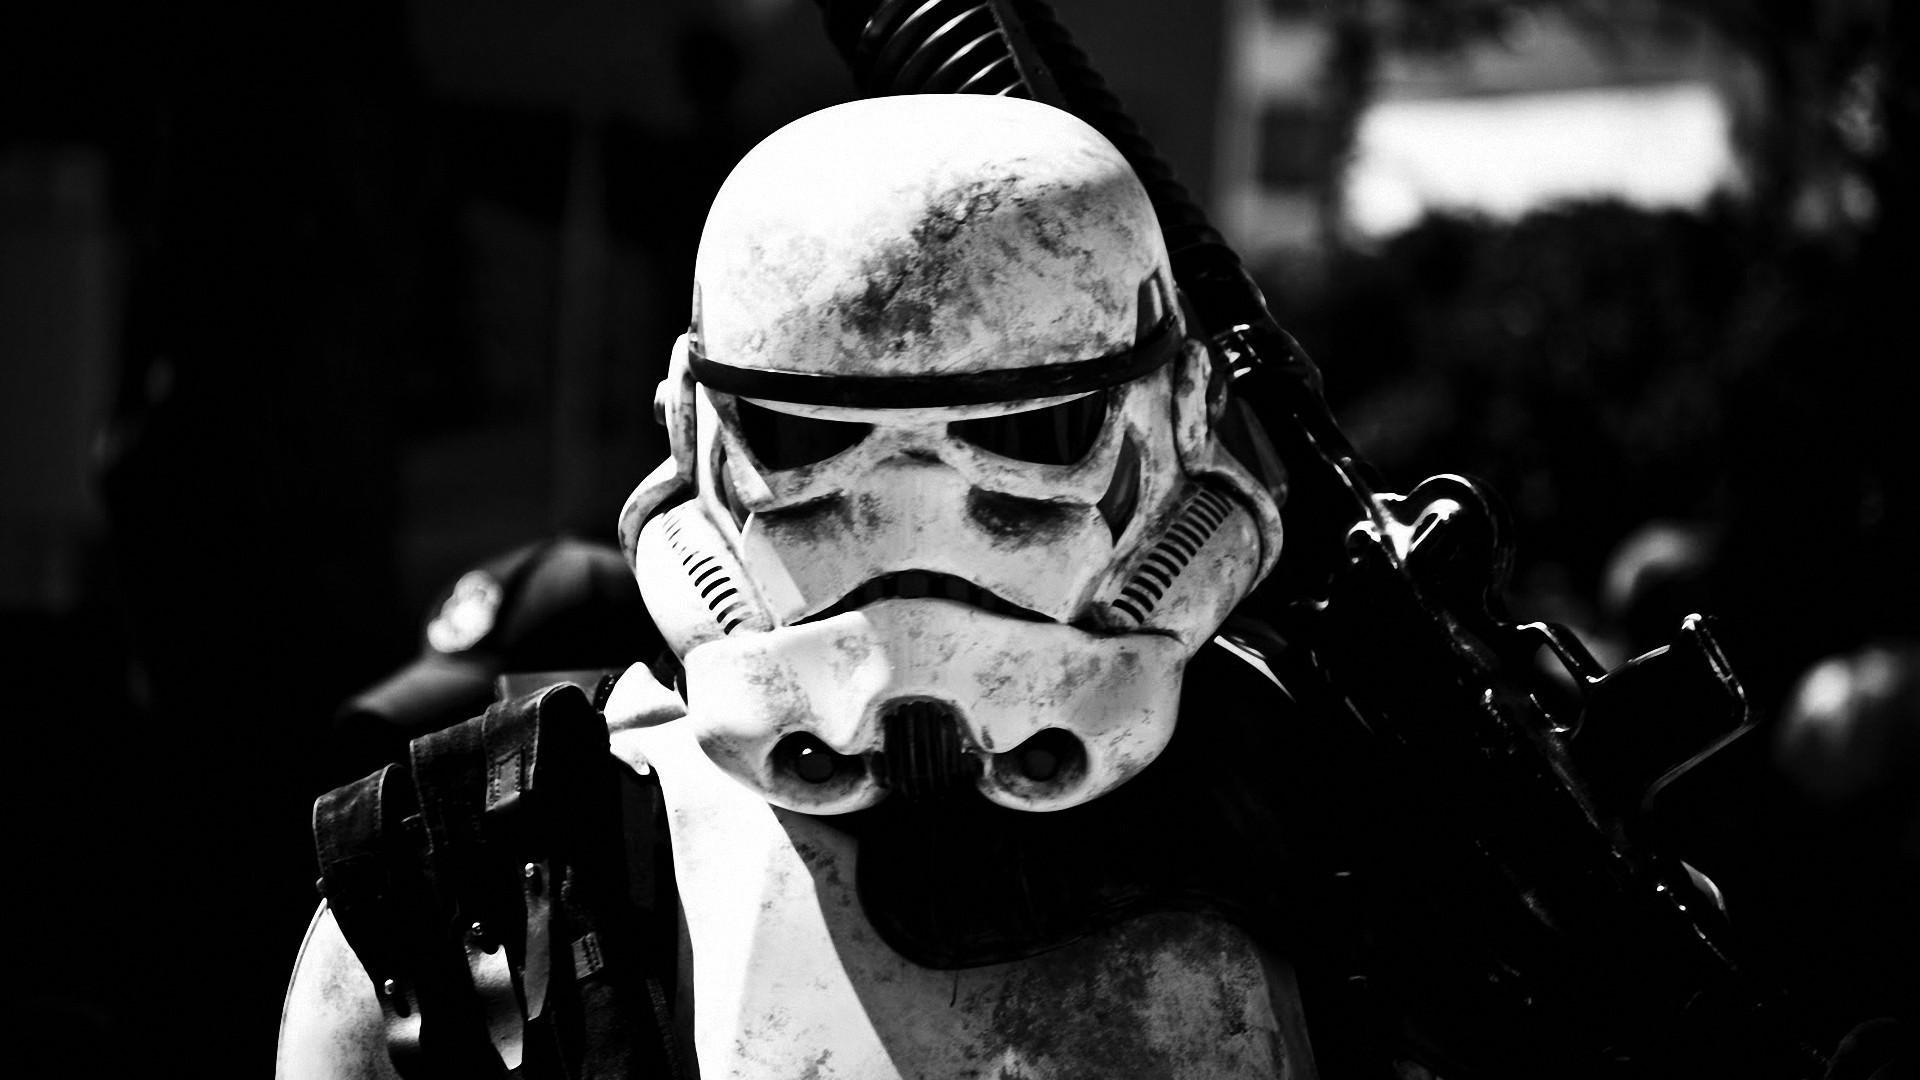 Star Wars Stormtrooper Wallpaper - WallpaperSafari